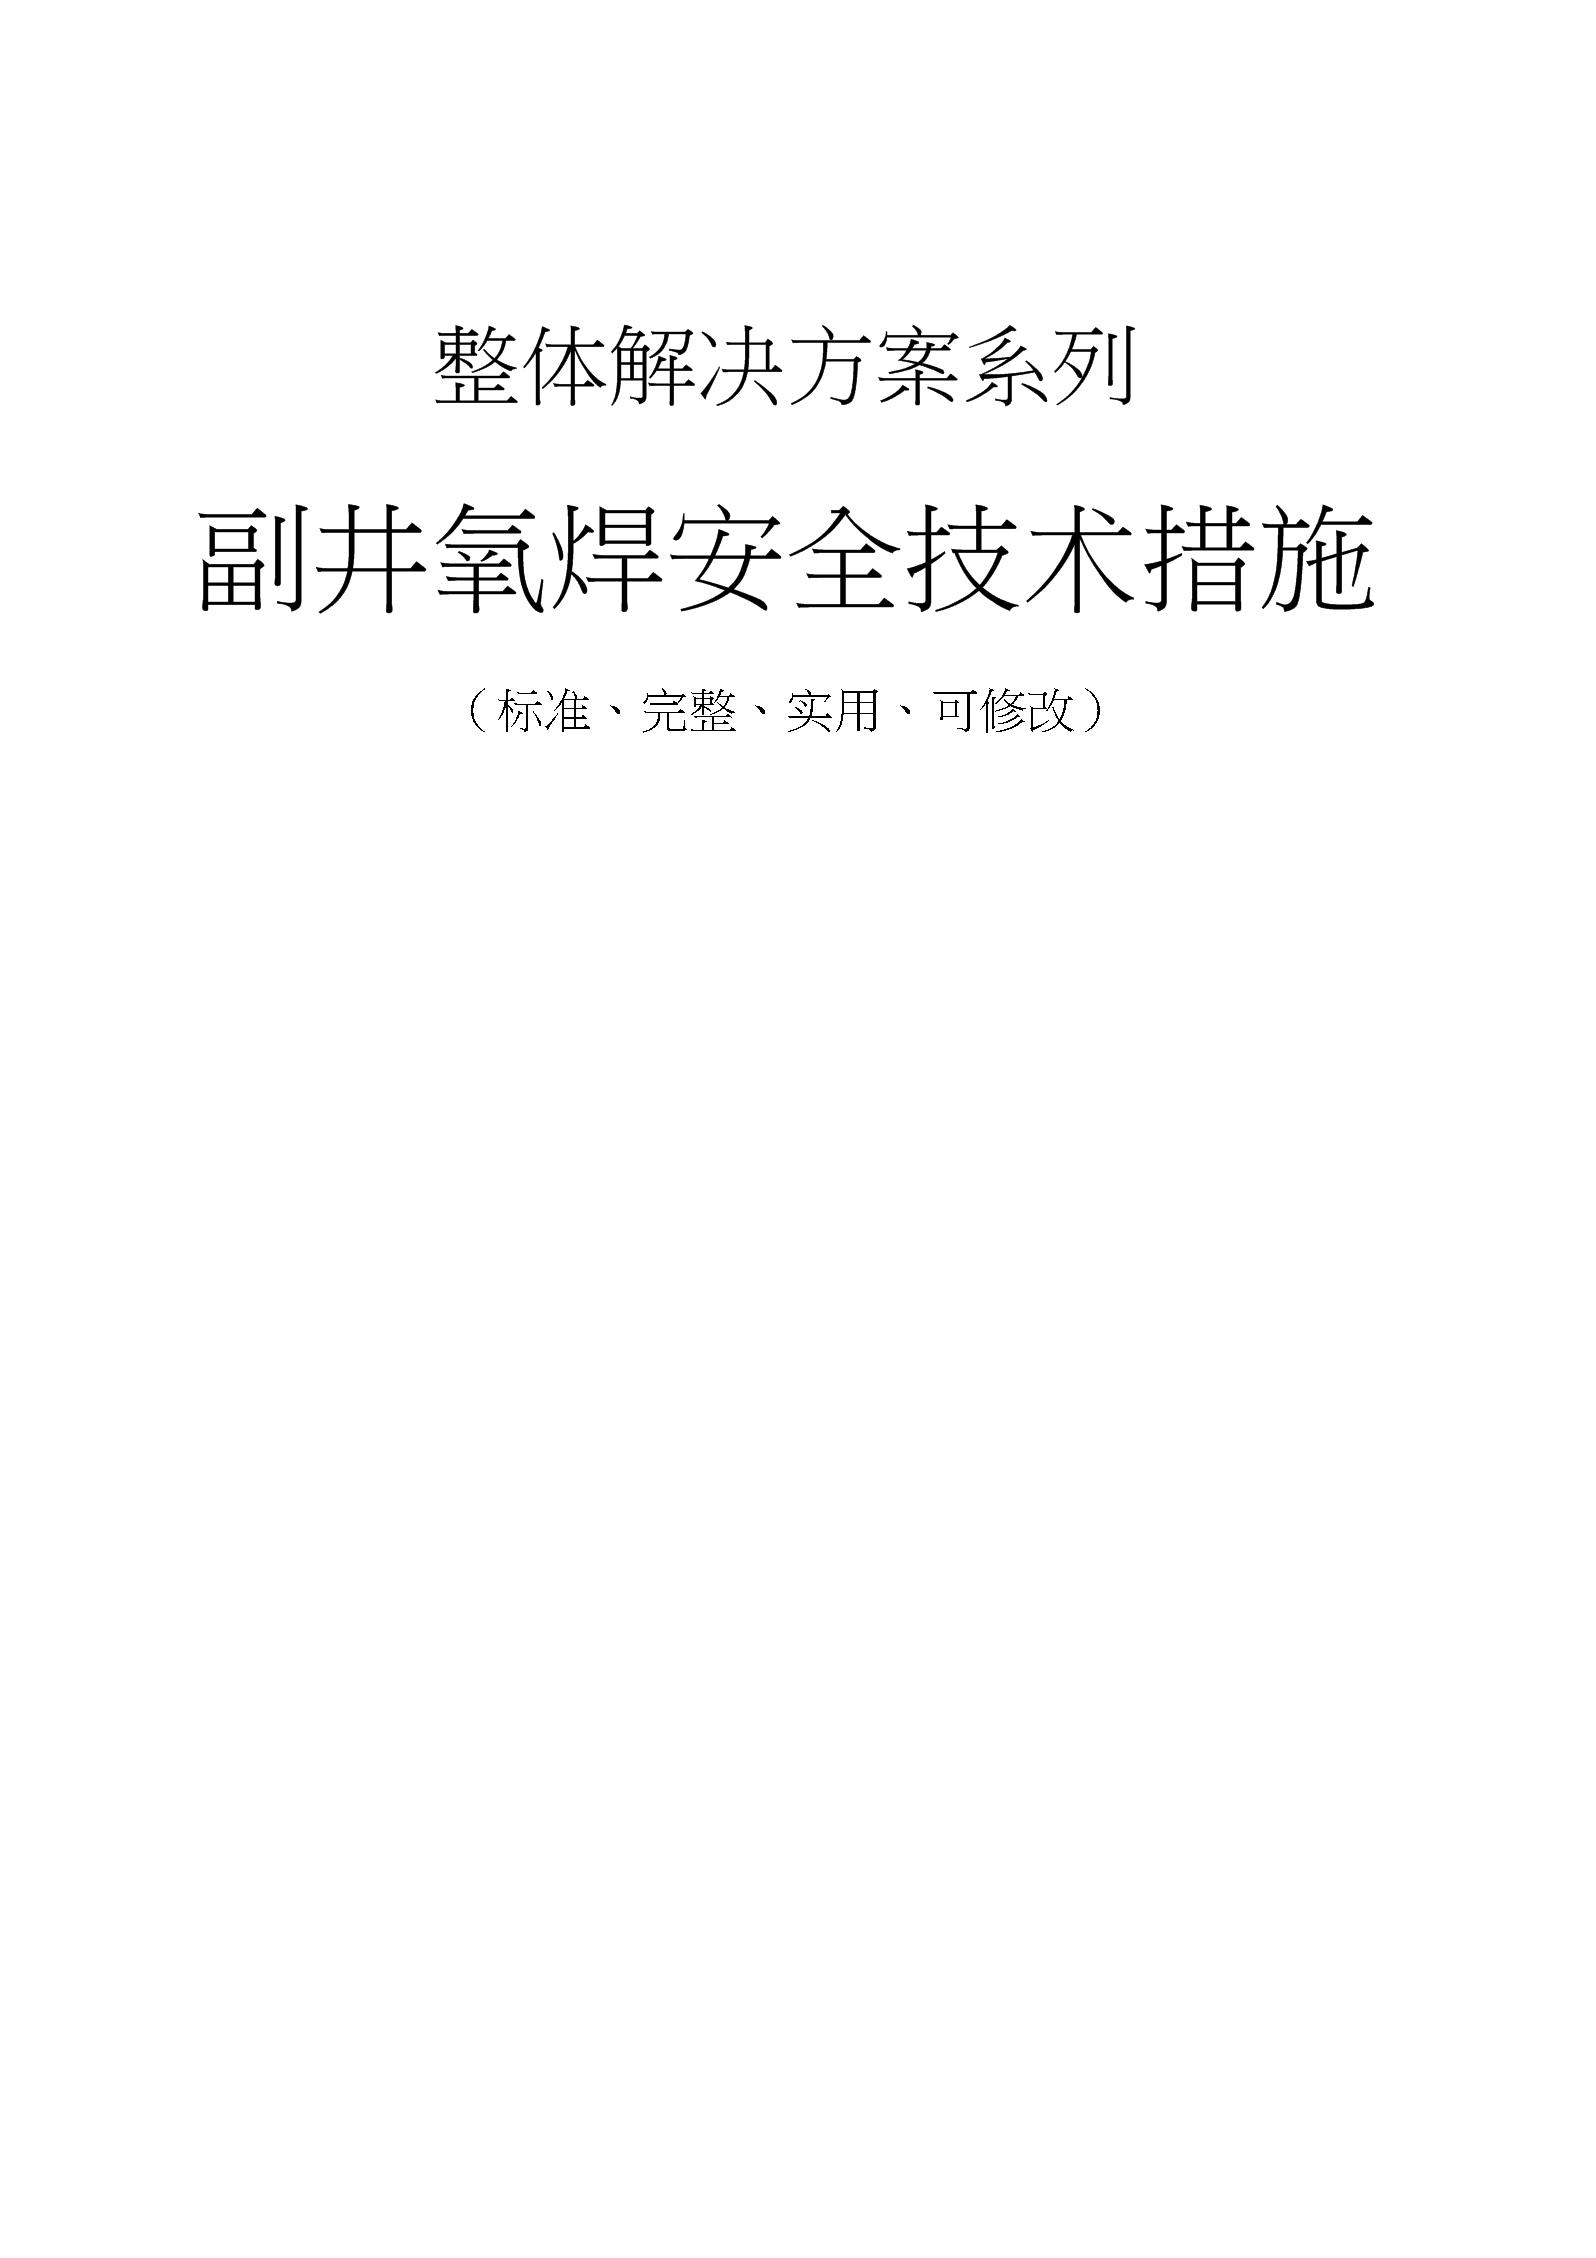 副井氧焊安全技术措施方案.docx